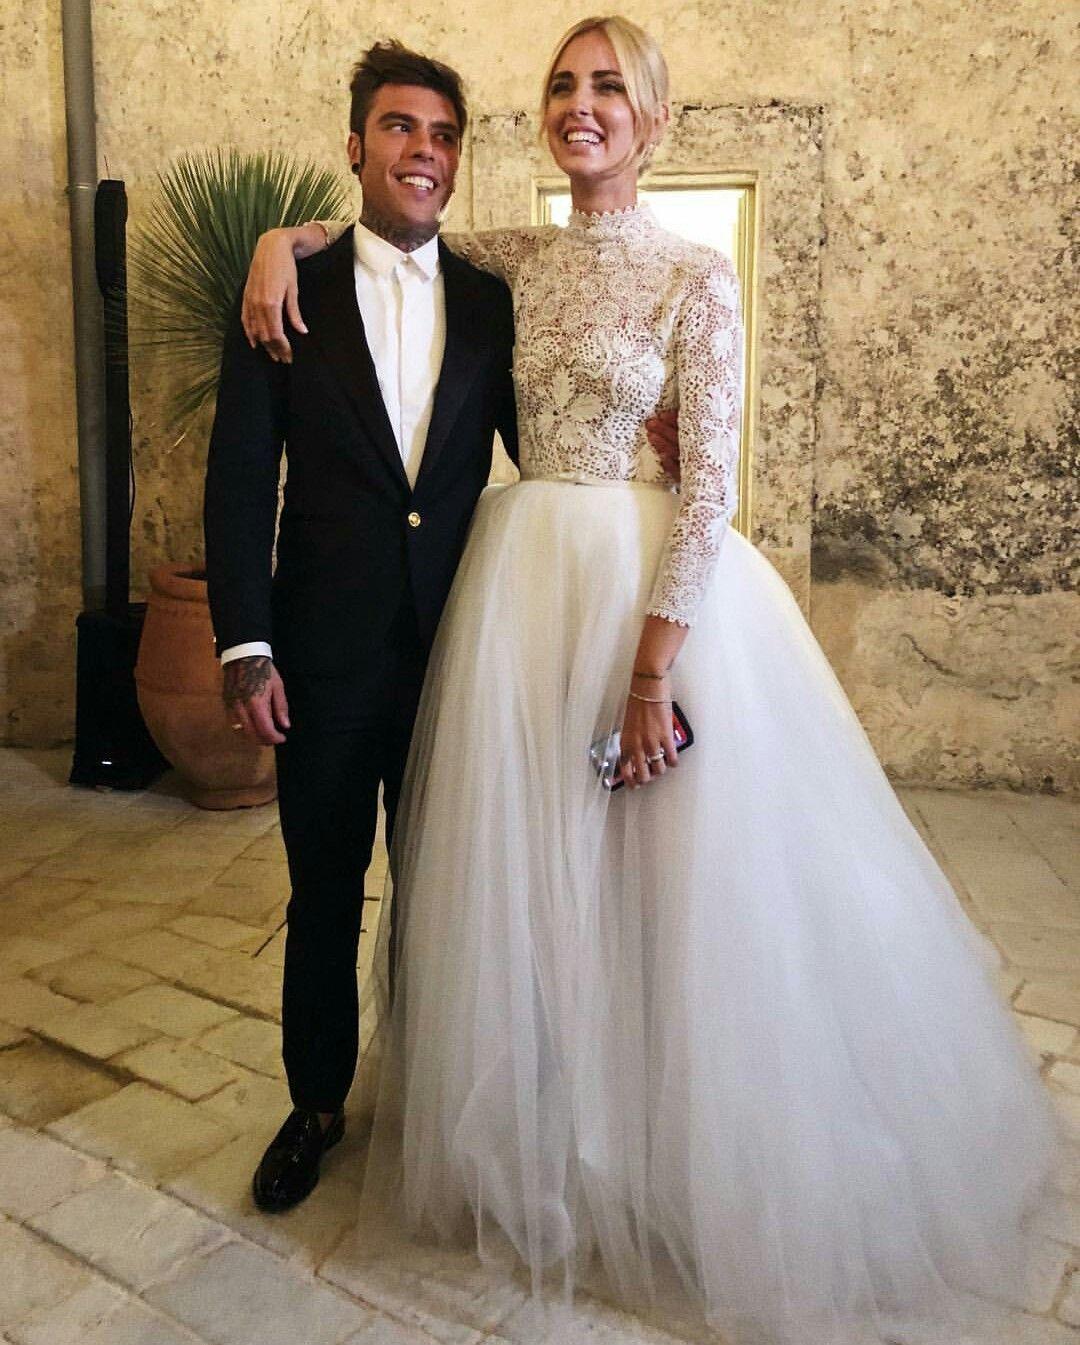 Chiara Ferragni and Fedez wedding in Noto Sicily wearing a Dior